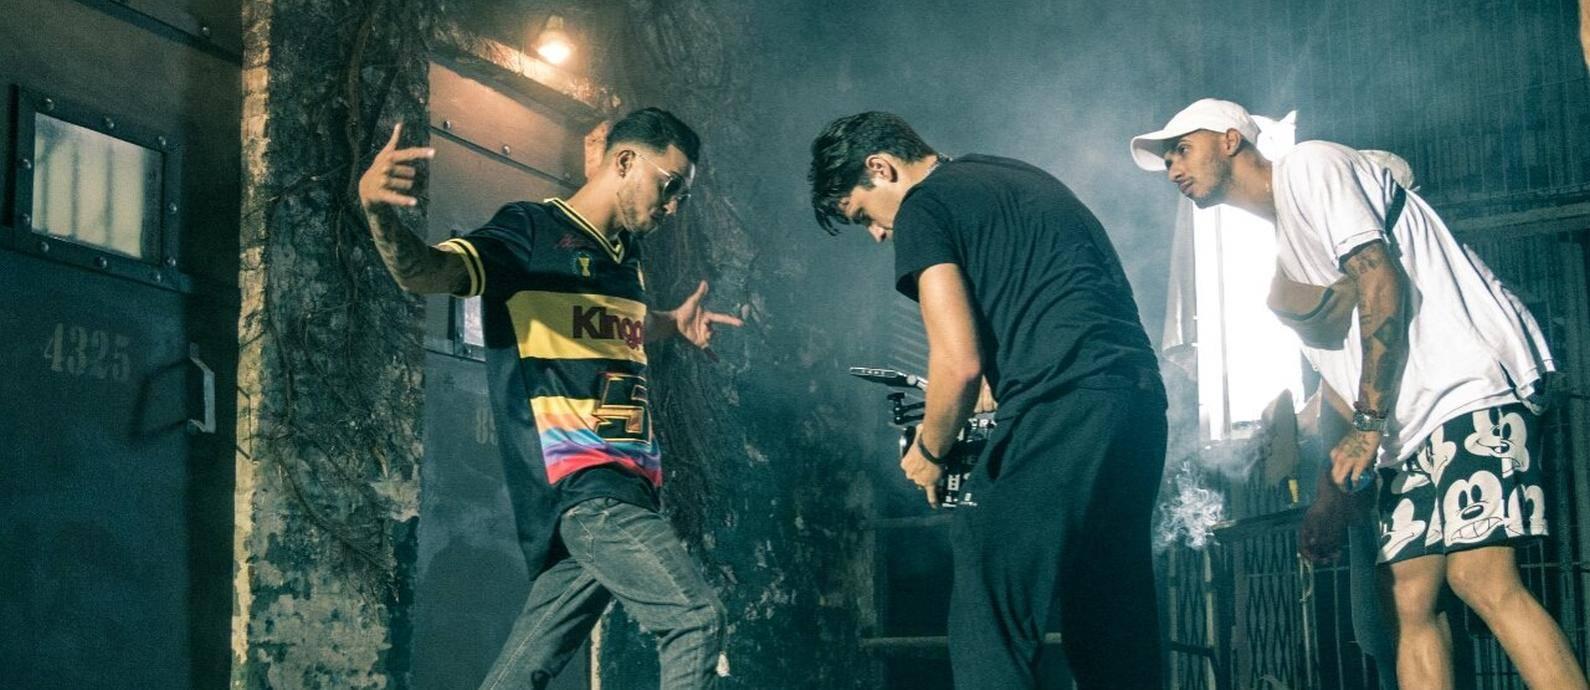 Recvoluxion Boyz en acción. Foto tomada de las redes sociales del proyecto.